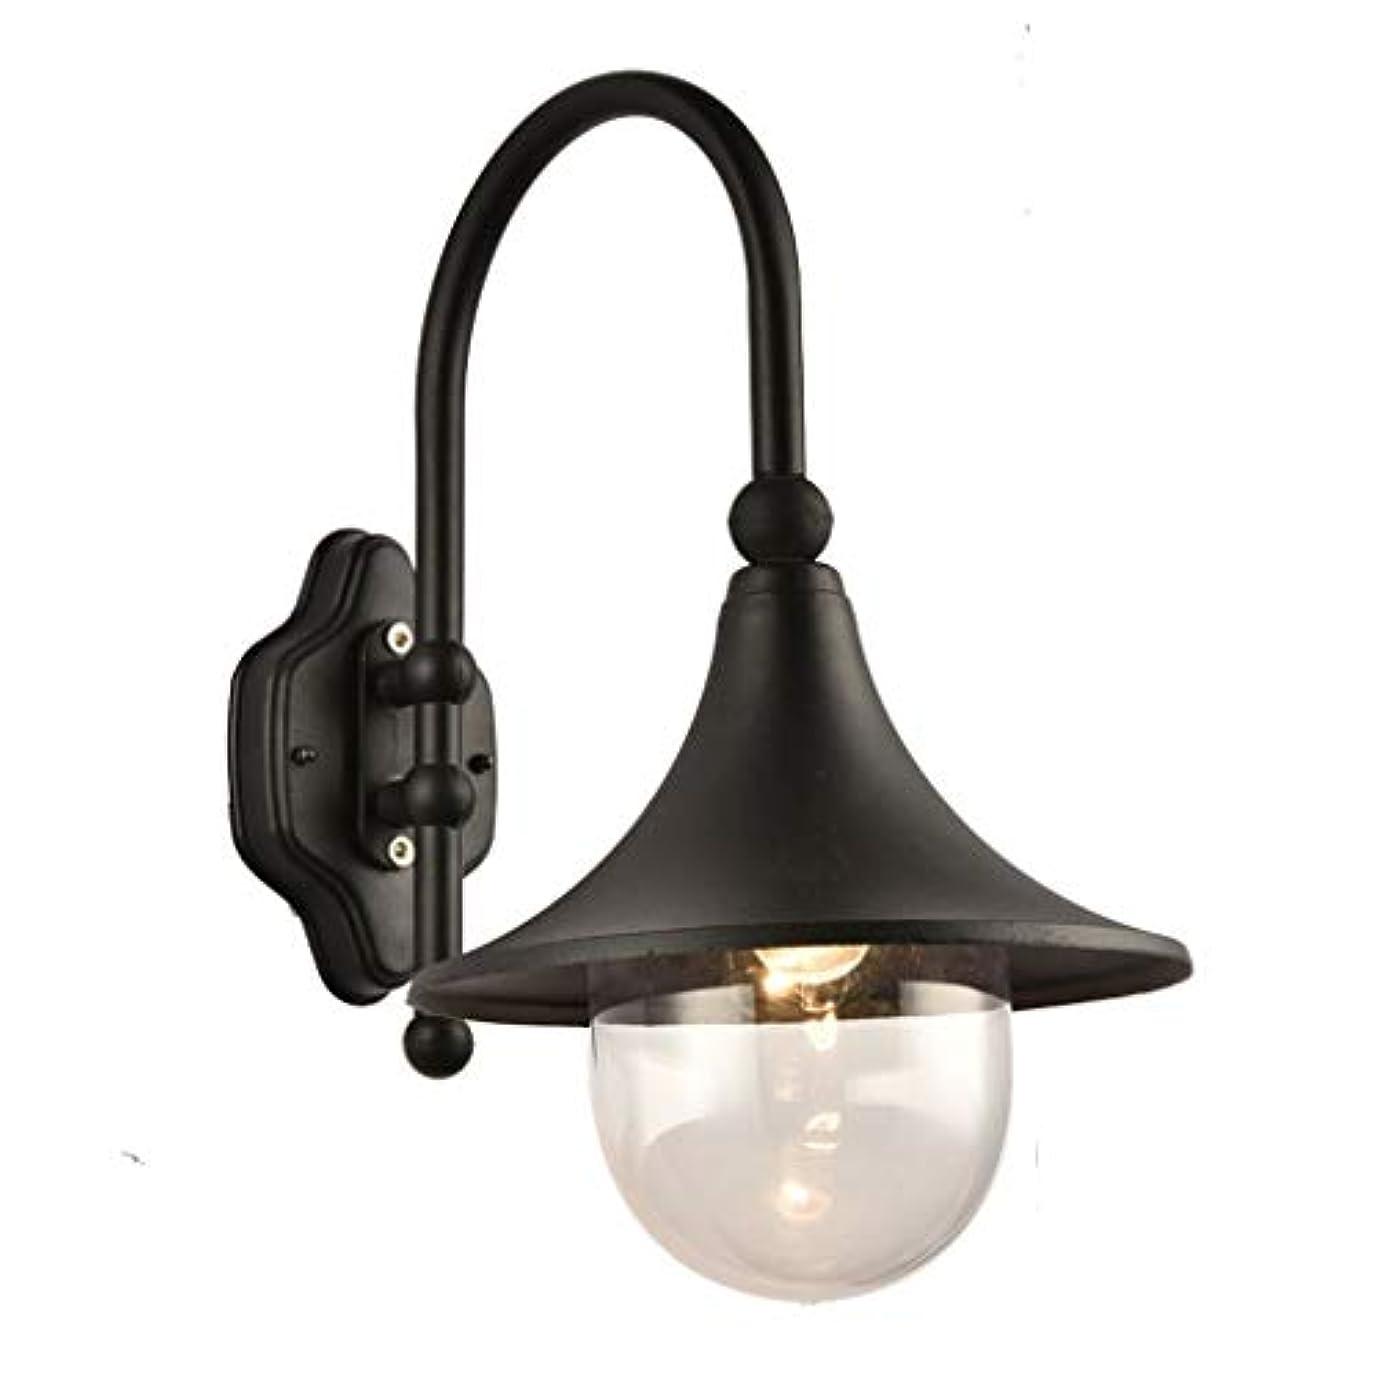 インタネットを見る煙突ばかげているLGM- レトロE27壁取り付け用燭台屋外防水ホーンウォールランプガーデンコートヤードヴィンテージ工業用ウォールライト照明器具 (Color : Black)